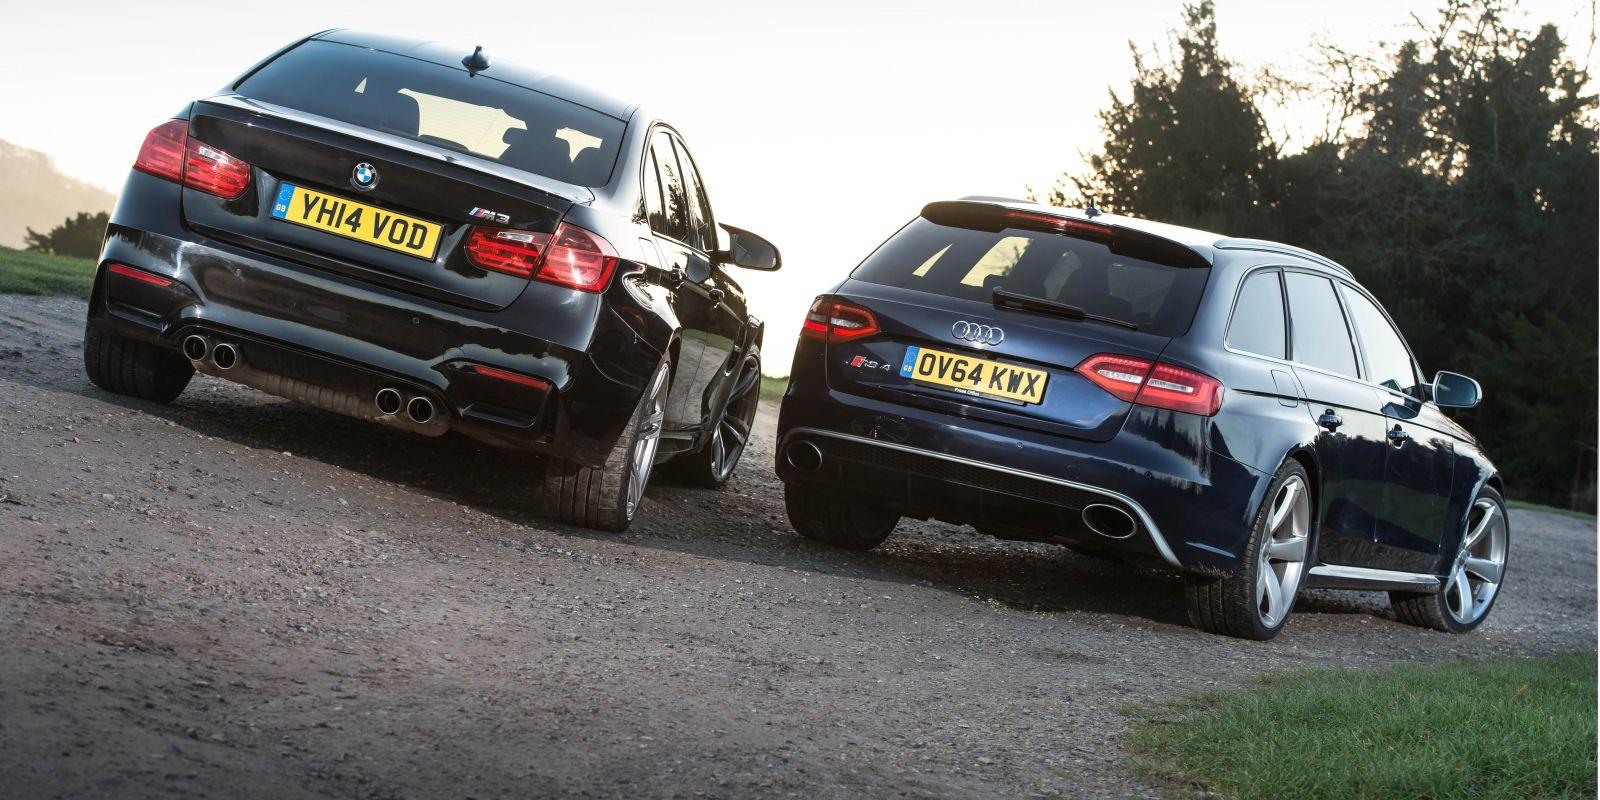 Bmw M3 Vs Audi Rs4 Carthrottle Compares Them